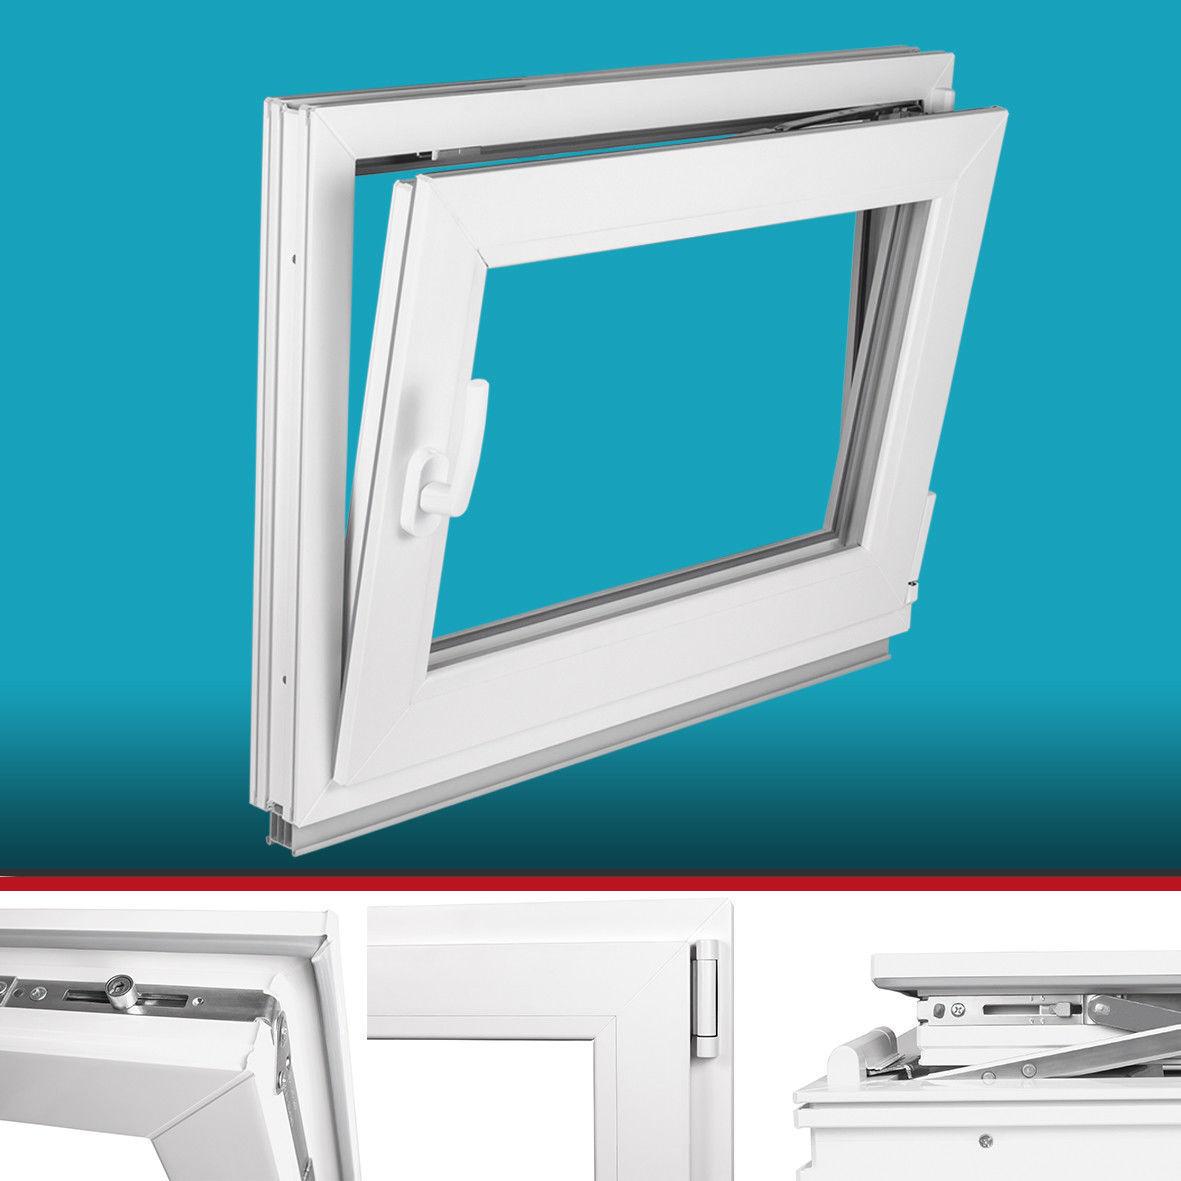 Fenster Kunststoff 2 Fach - 3 Fach, Fach, Fach, Breite 70 - Höhe 105-120 -Dreh Kipp- Premium f9e534